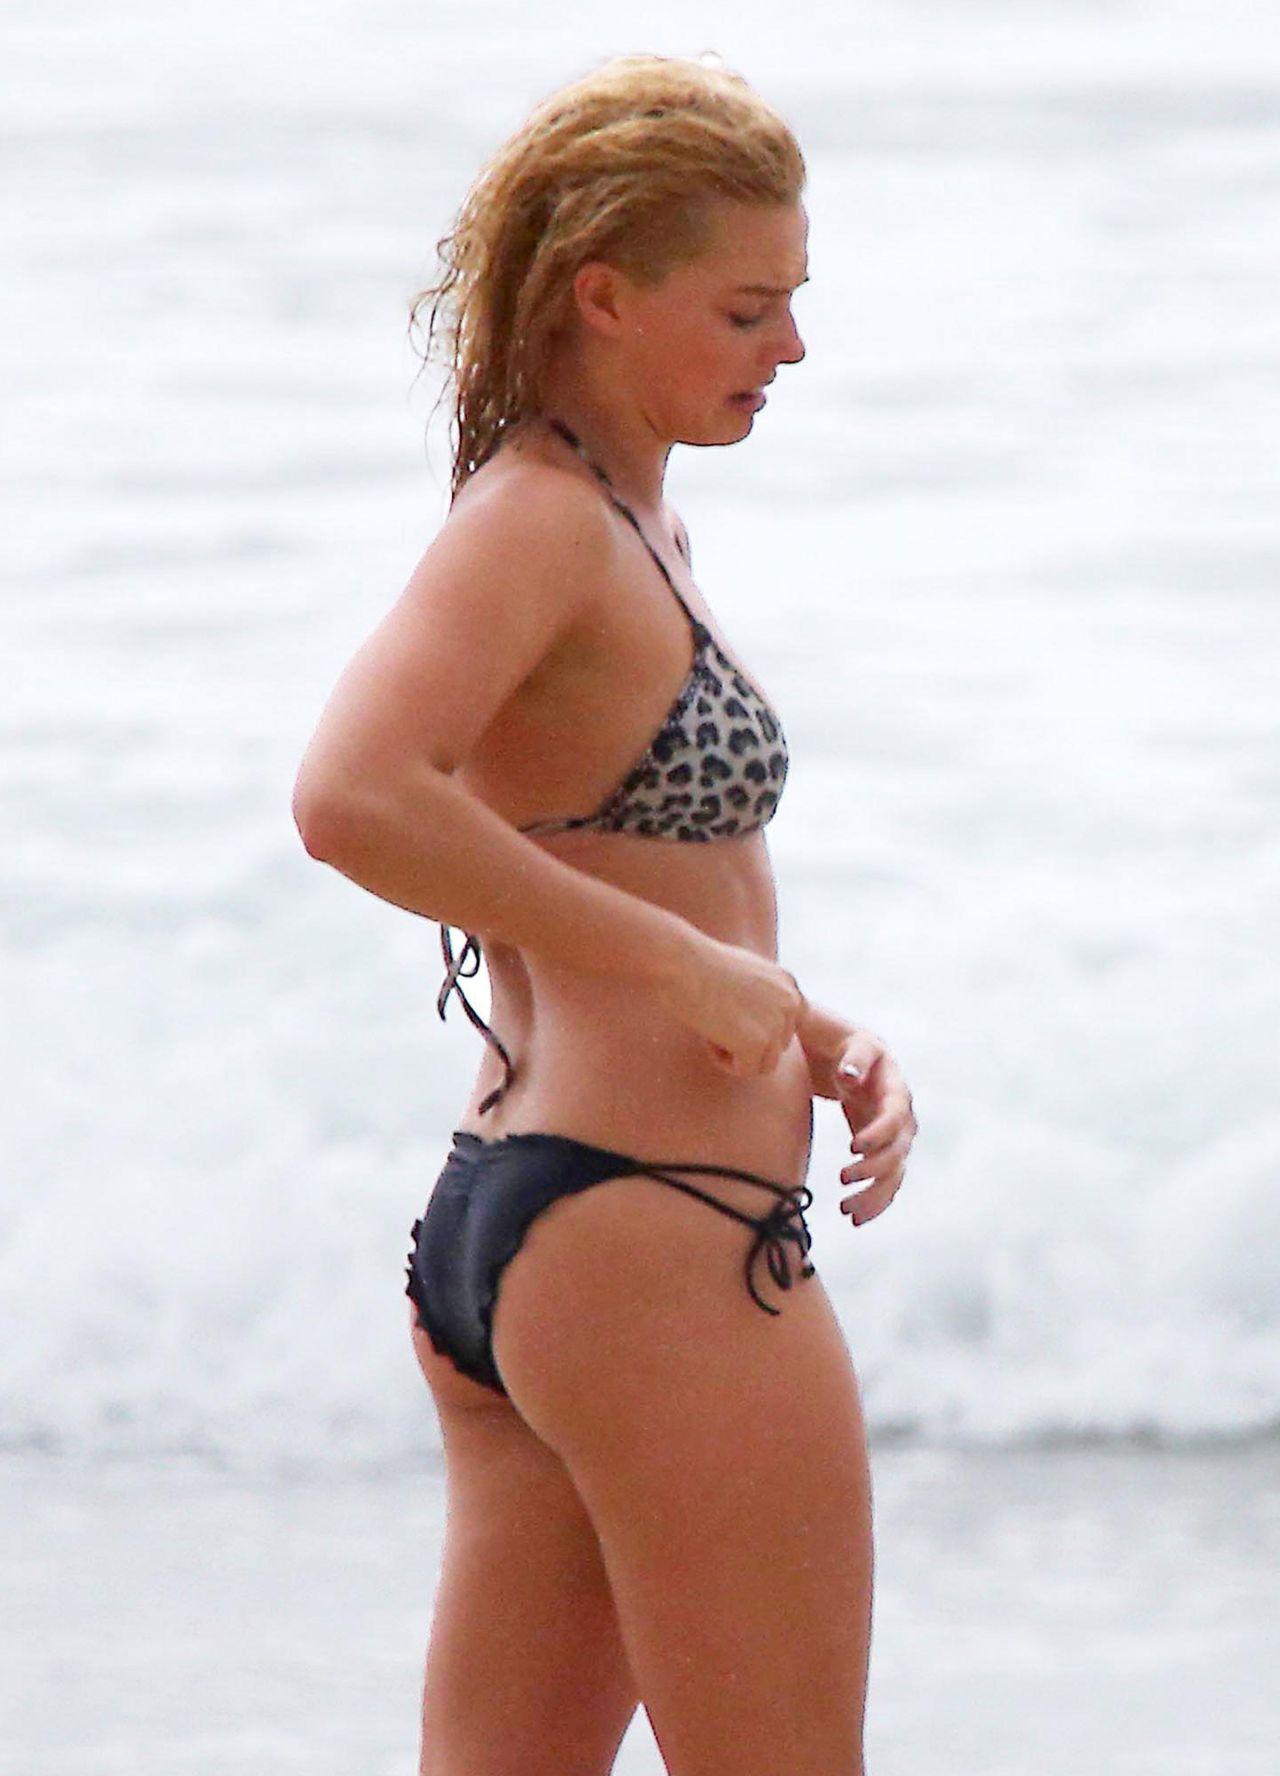 Margot Robbie Shows Off Her Bikini With Her Boyfriend Tom